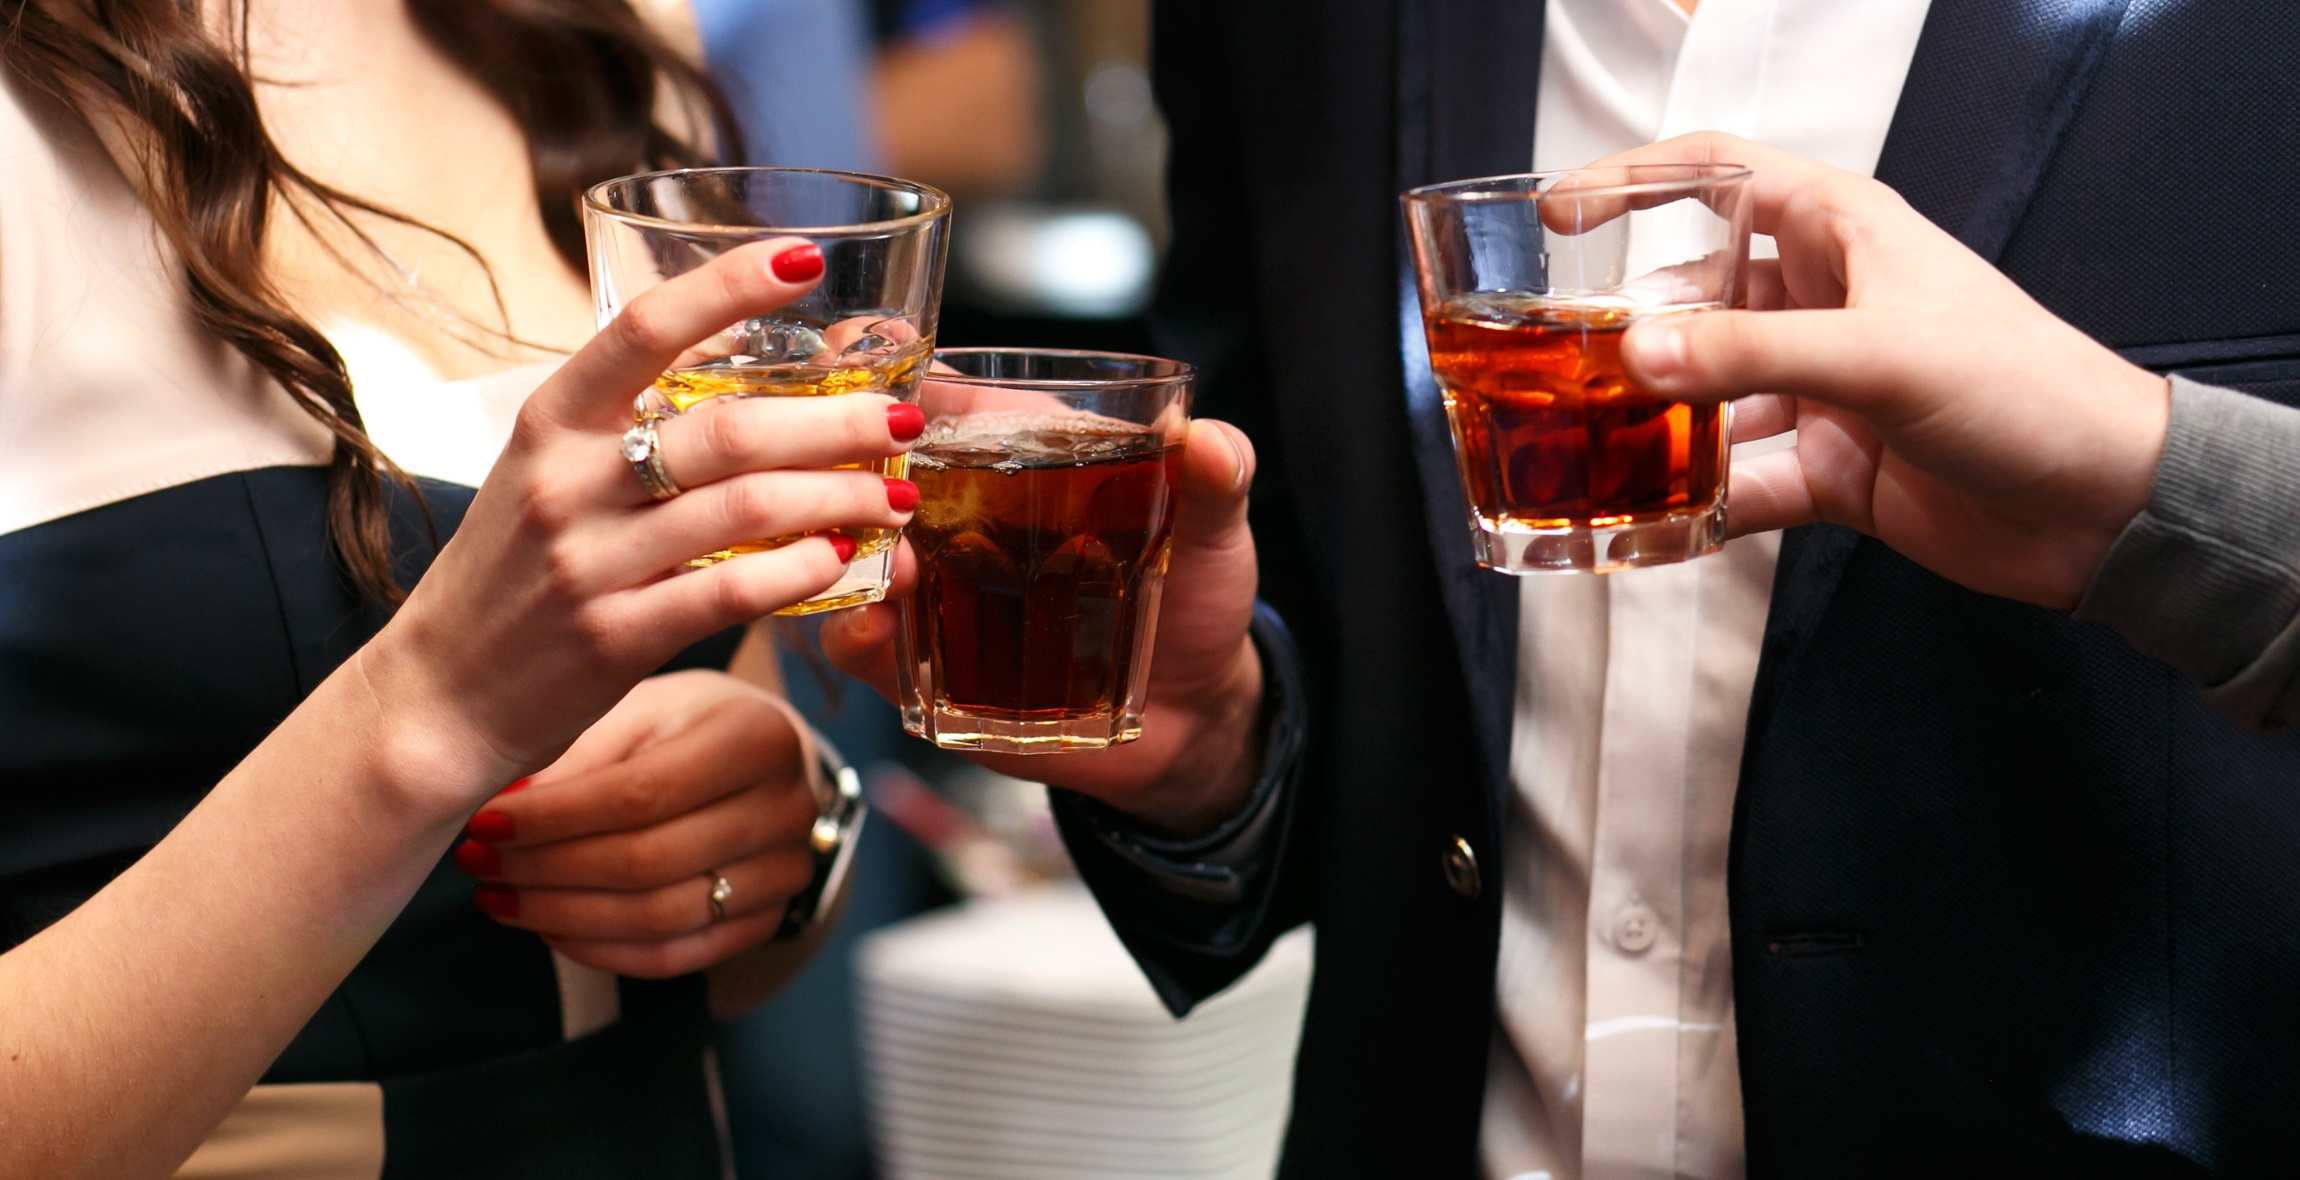 Камни или бокалы? Что оценят в подарок любители виски.